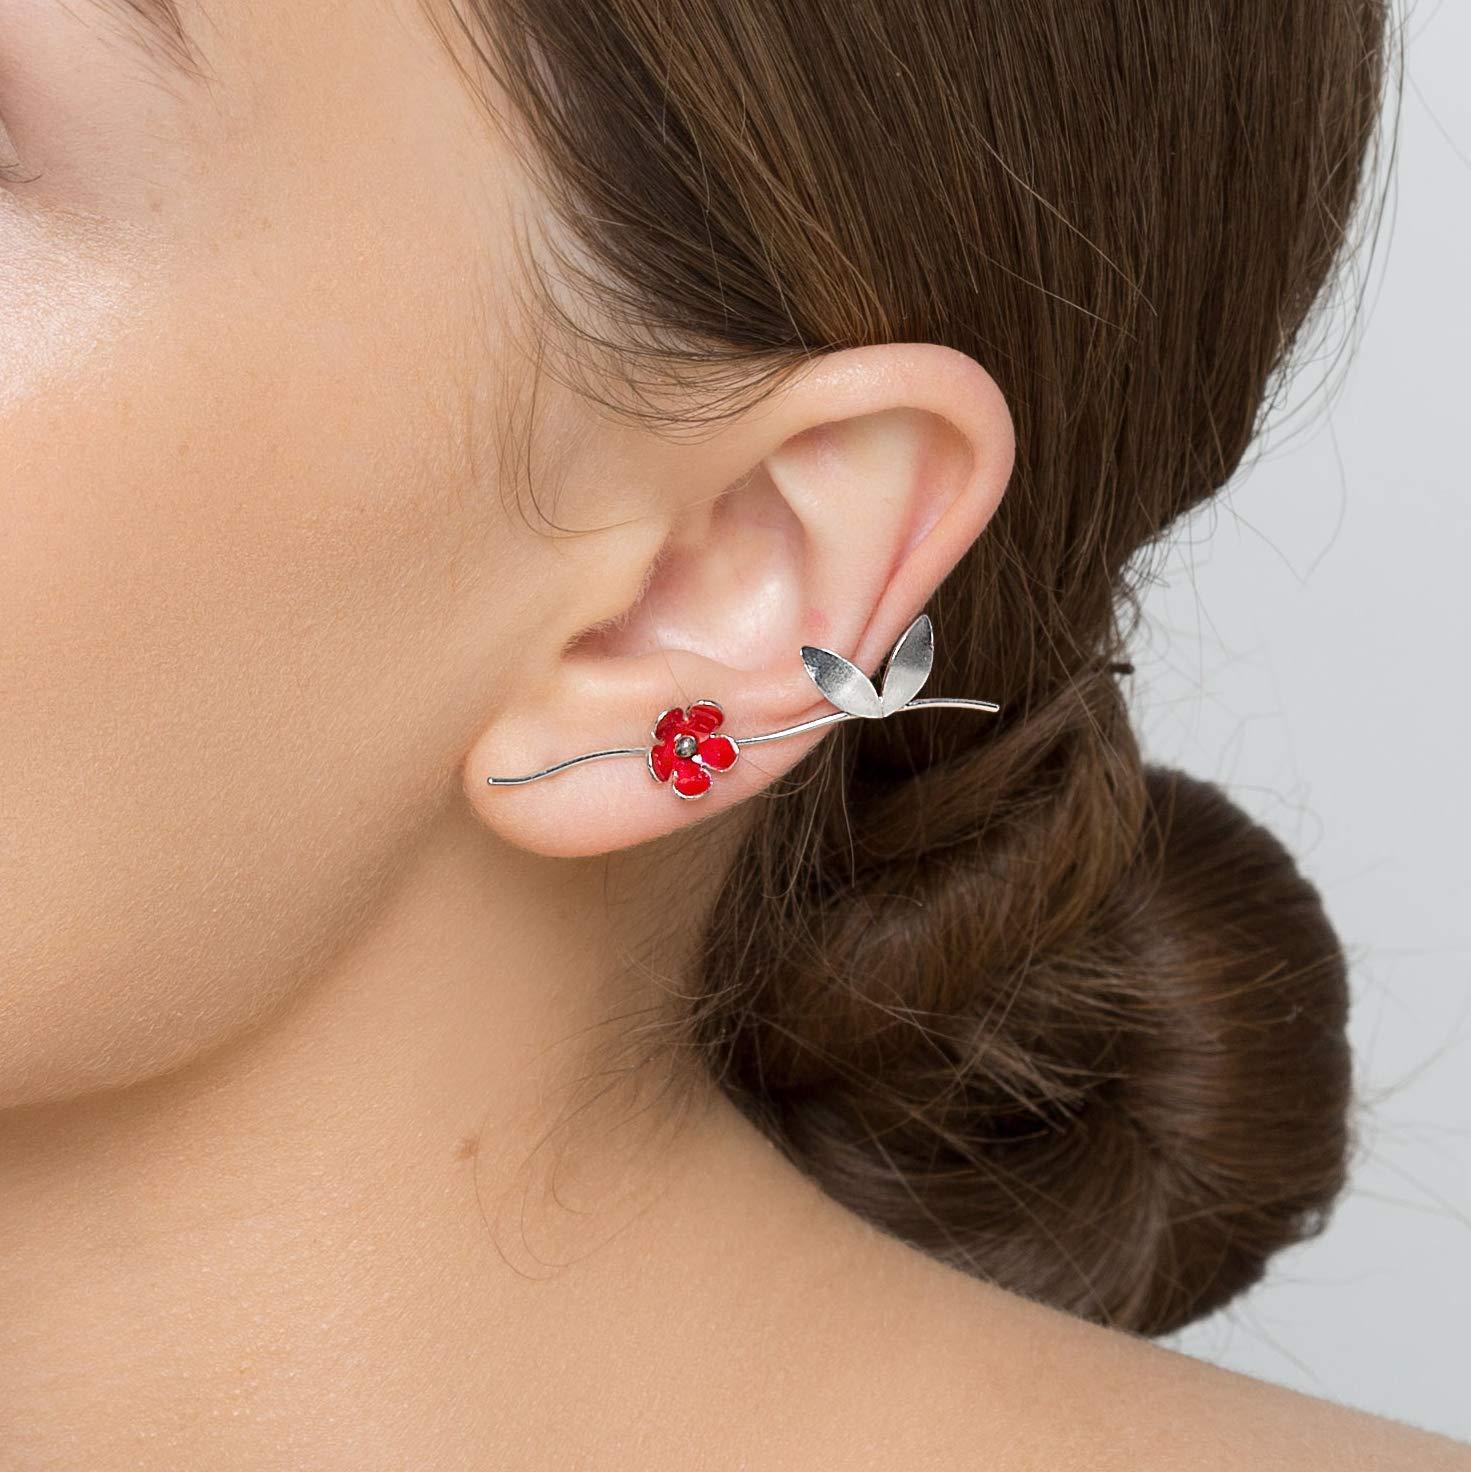 Sterling Silber Blatt Ohr Manschette Anweisung Ohrring Manschette Gold Ohr Kletterer roter Ohrring Blume Ohrring Emaille Ohrring Emaille Schmuck Mohn Ohrring